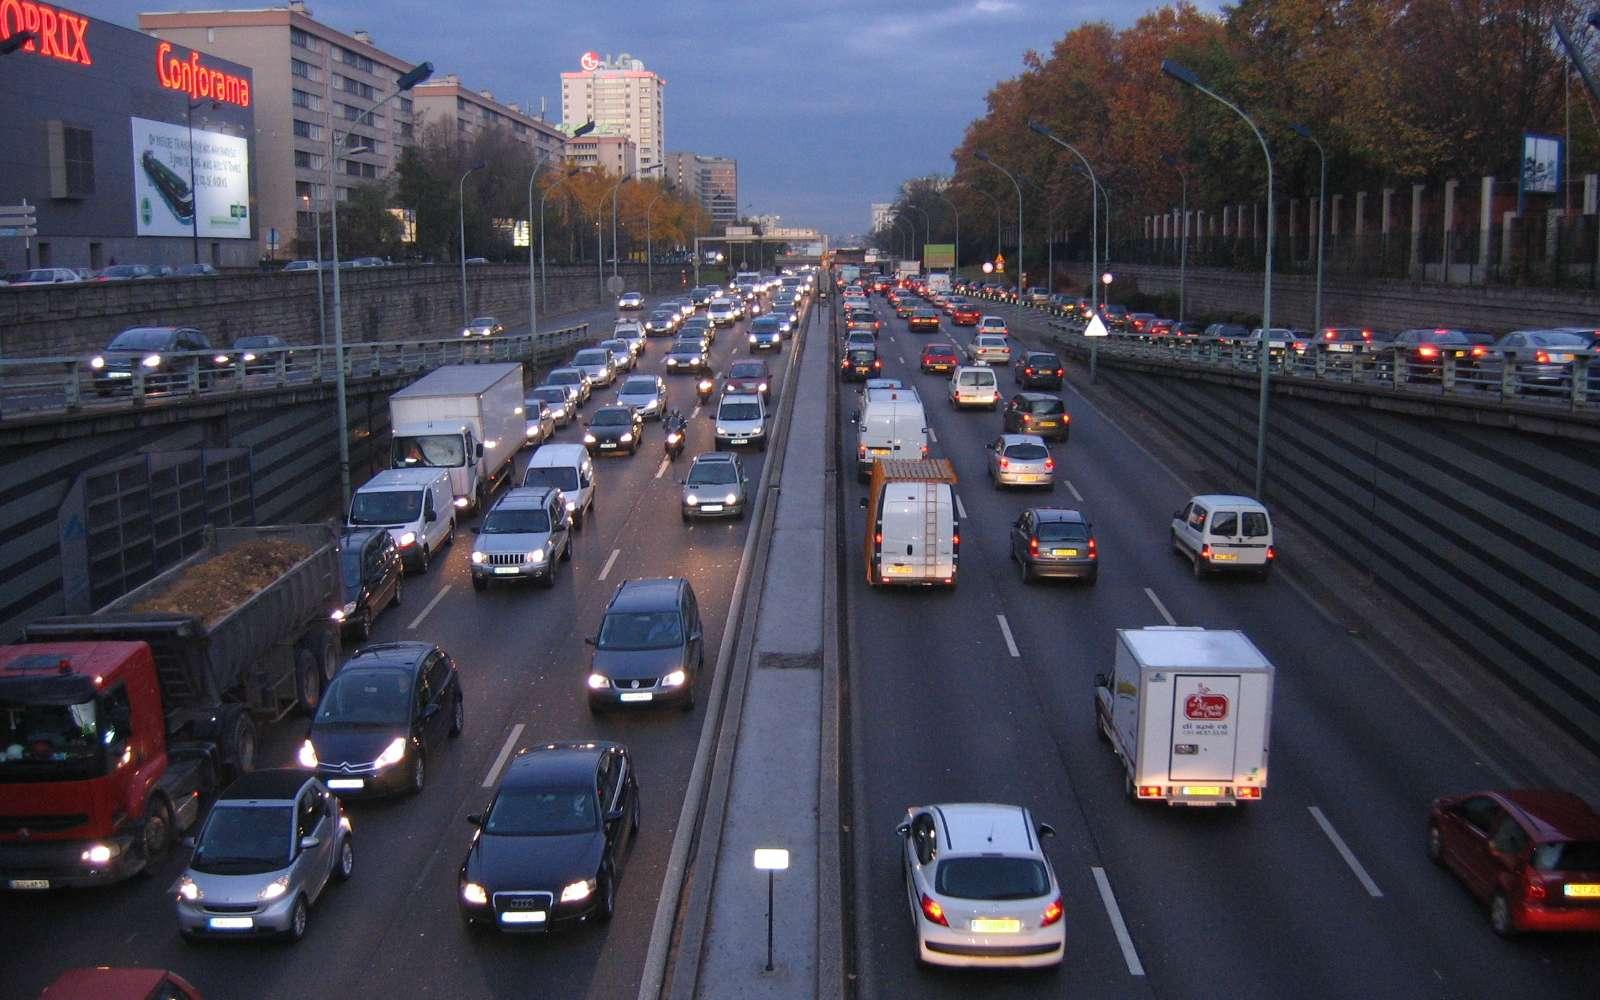 Périphérique parisien surchargé. Il reste encore des efforts à fournir pour améliorer le plan de déplacement urbain de la capitale. © Julien, Wikimedia Commons, cc by nc nd 2.0